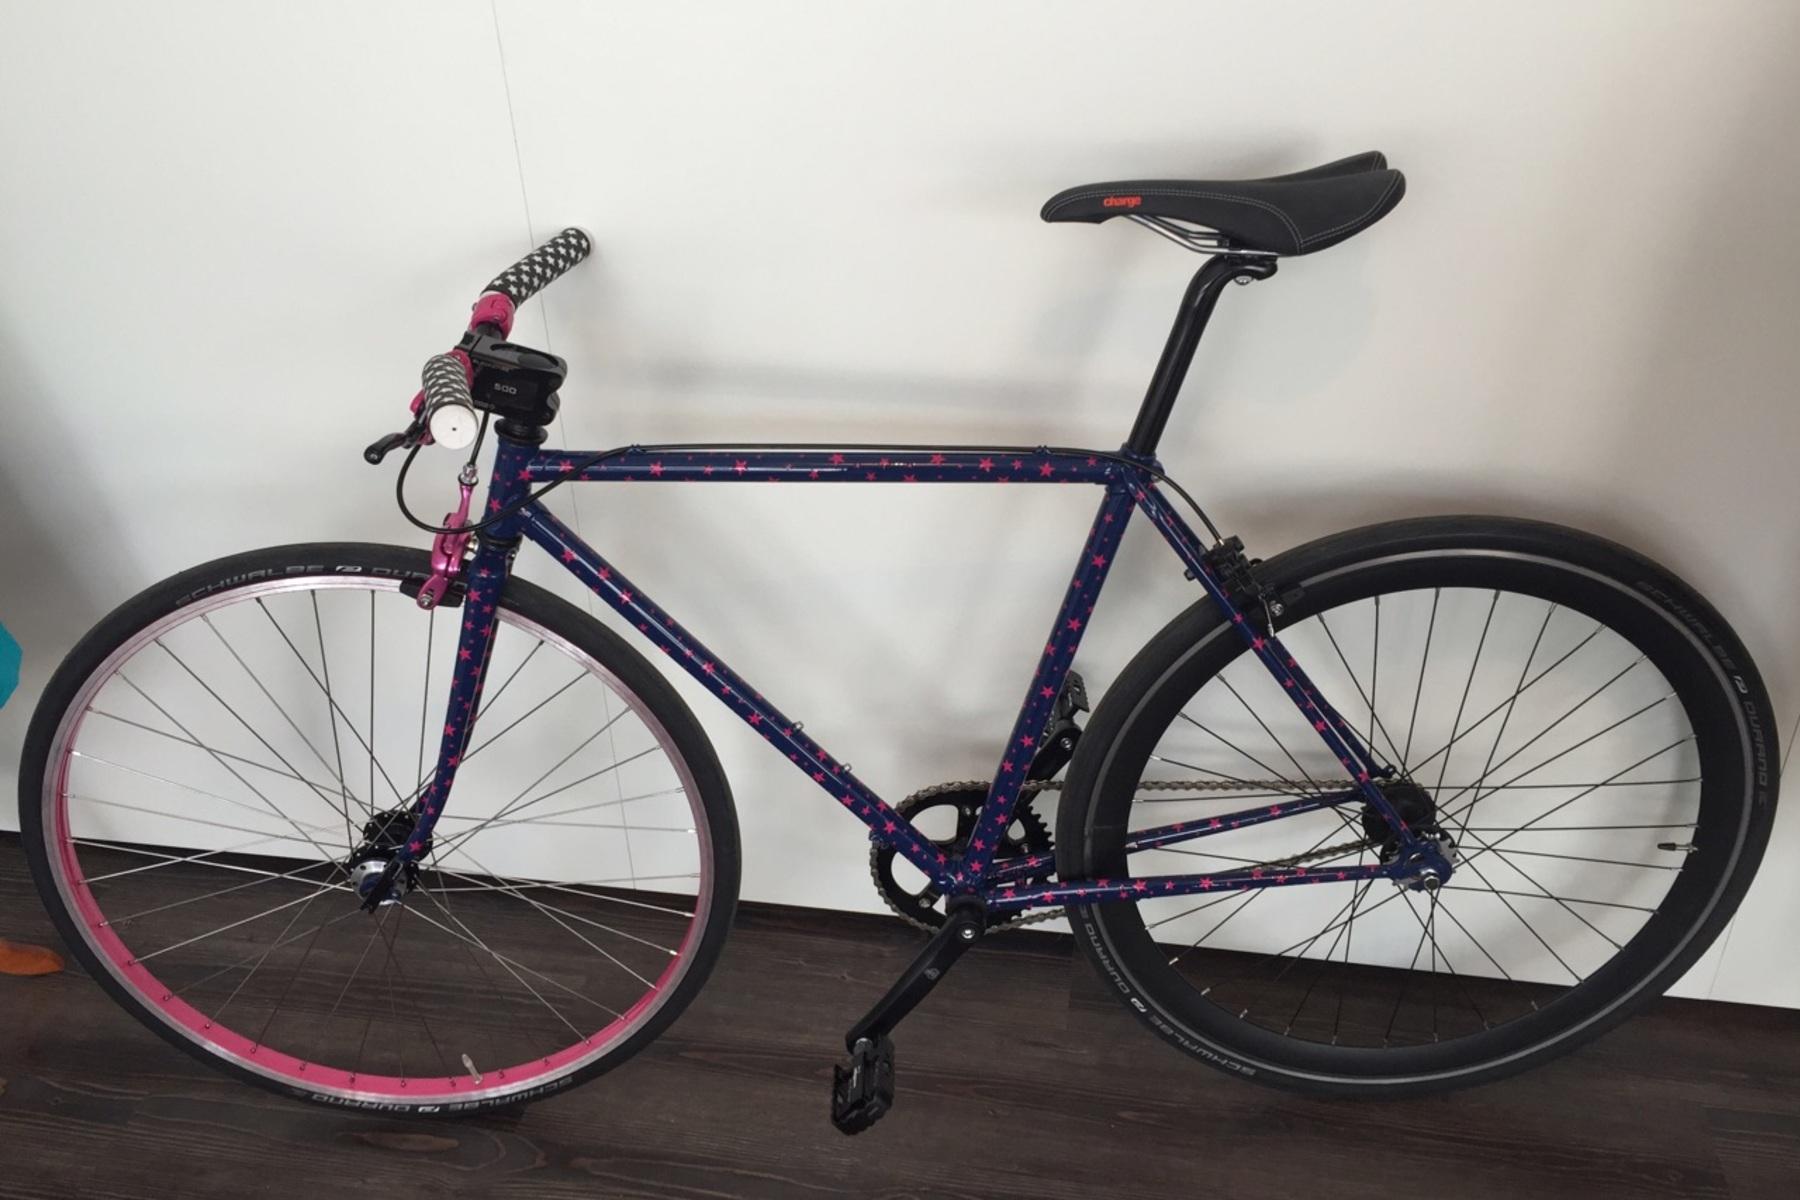 miete das perfekte fahrrad in munich listnride. Black Bedroom Furniture Sets. Home Design Ideas